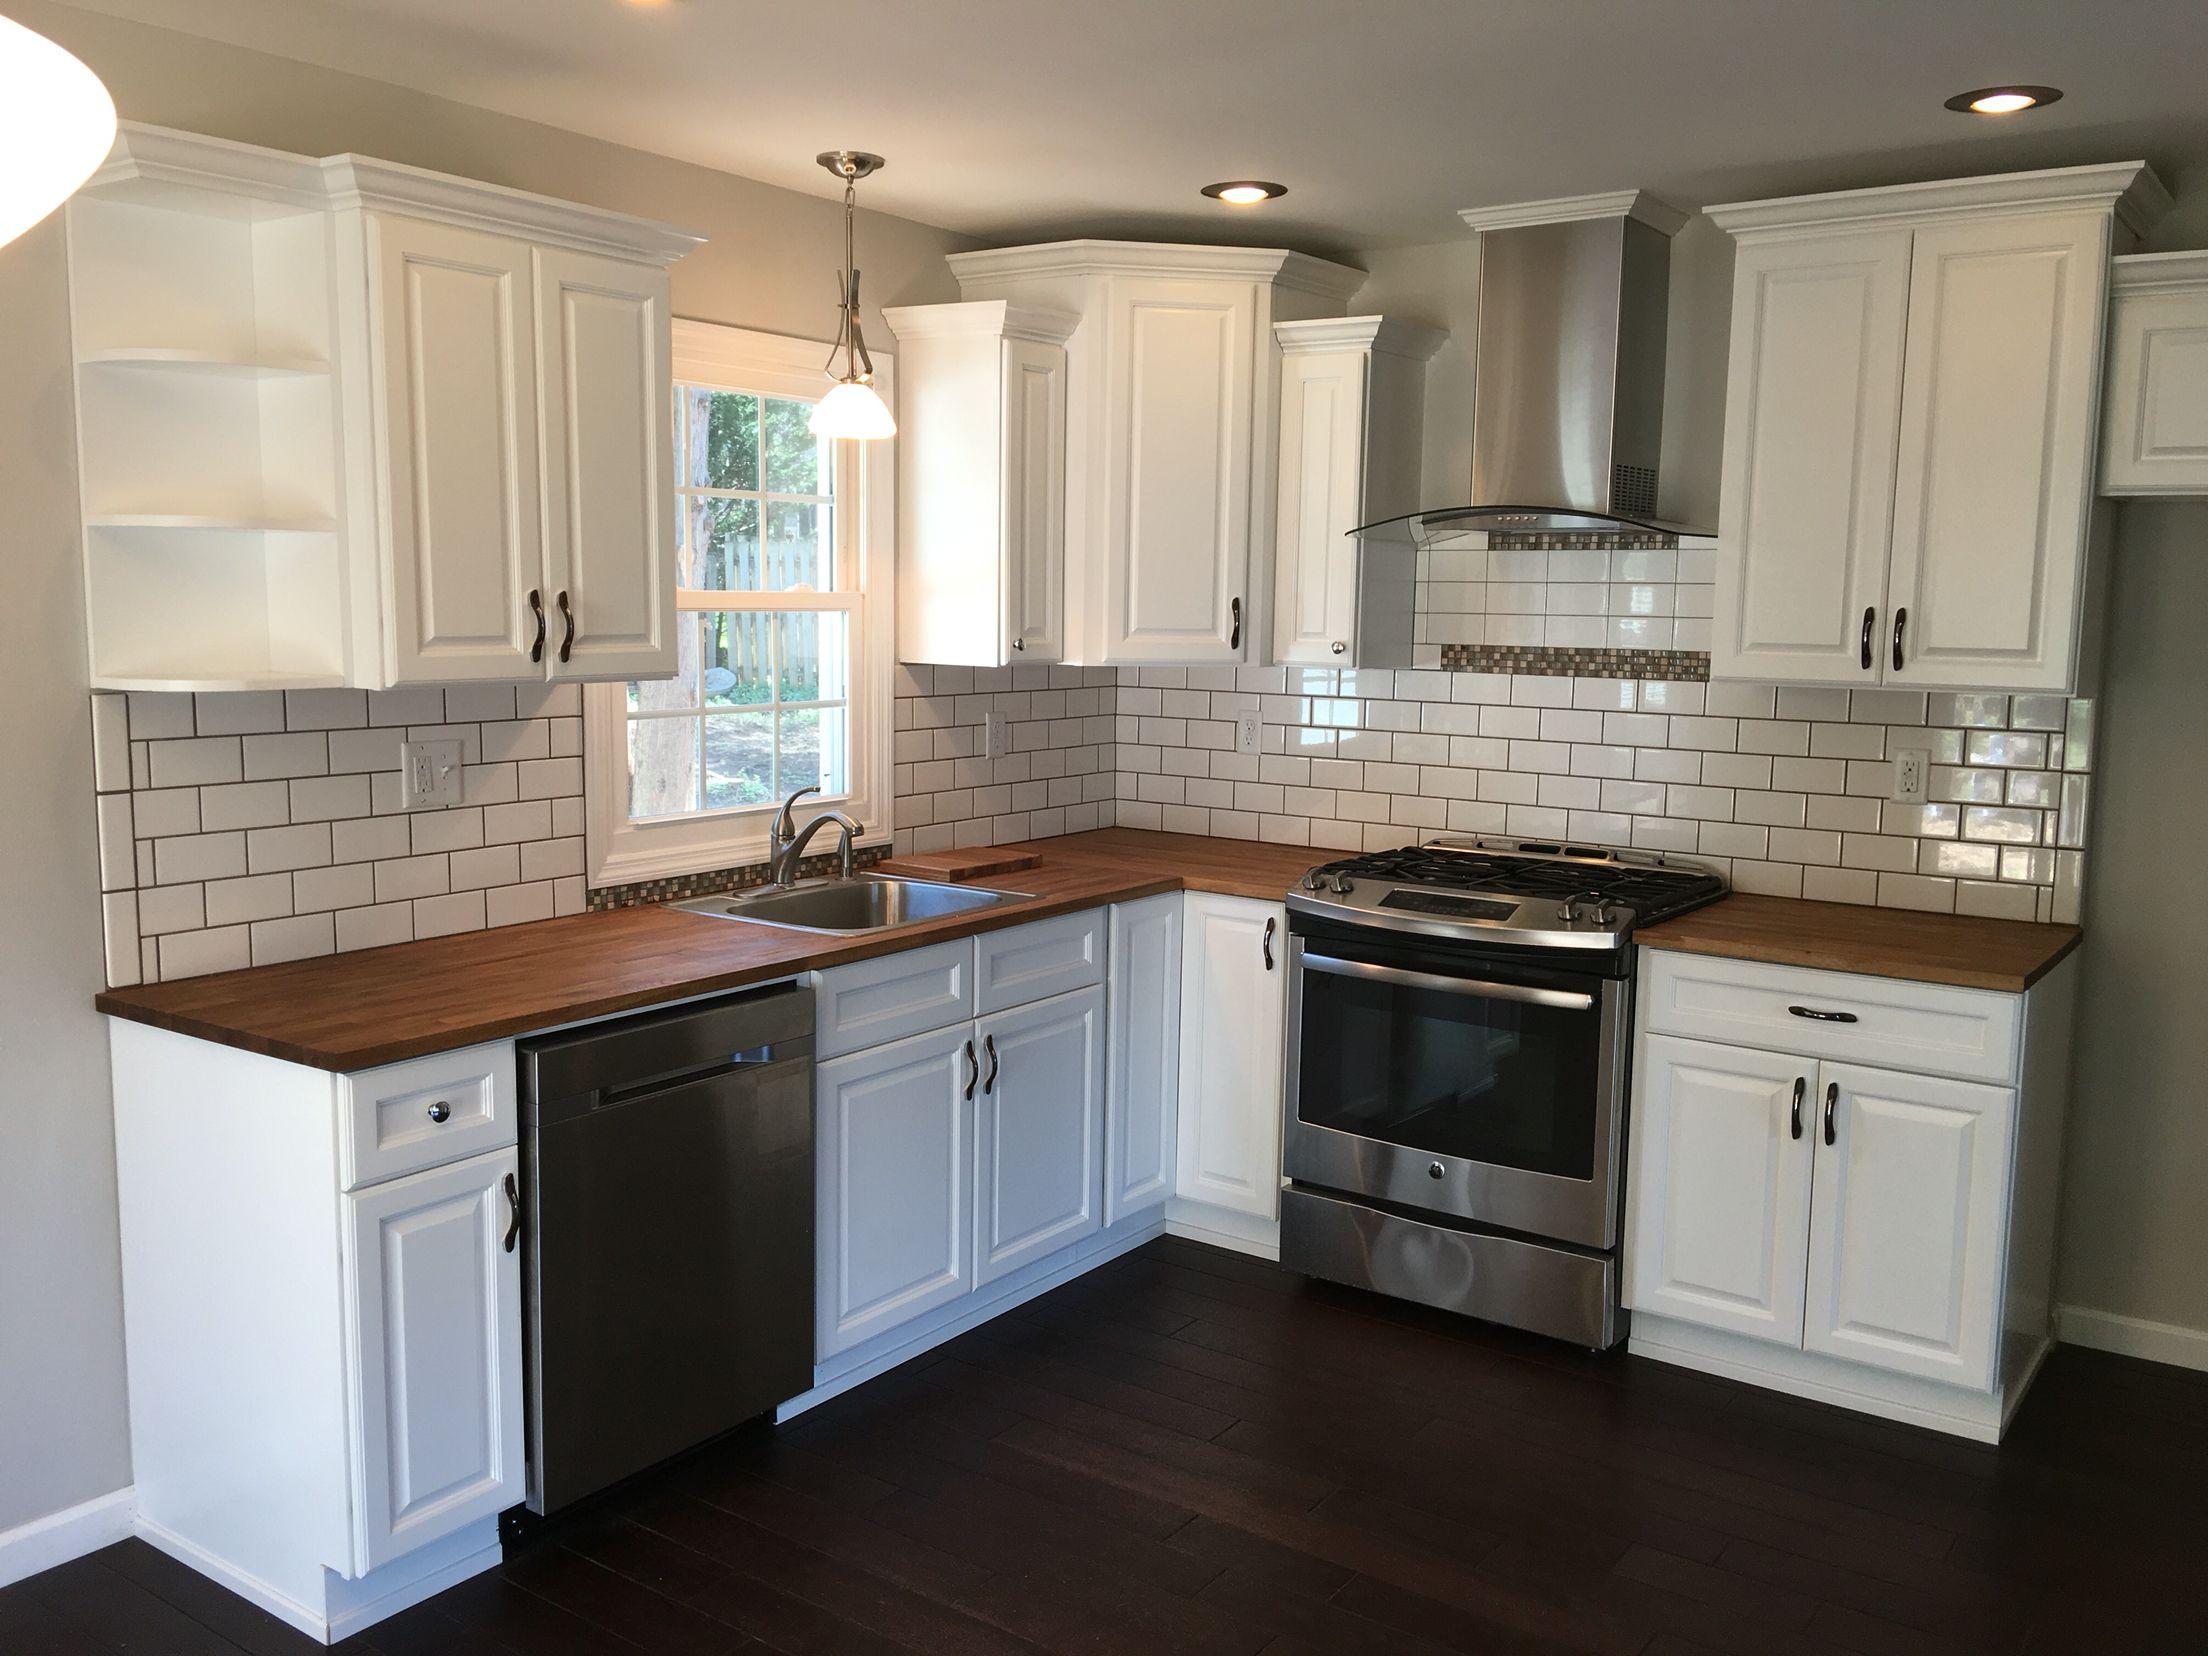 Best Fabuwood Hallmark Frost Cabinets Kitchen Ideas Design 400 x 300